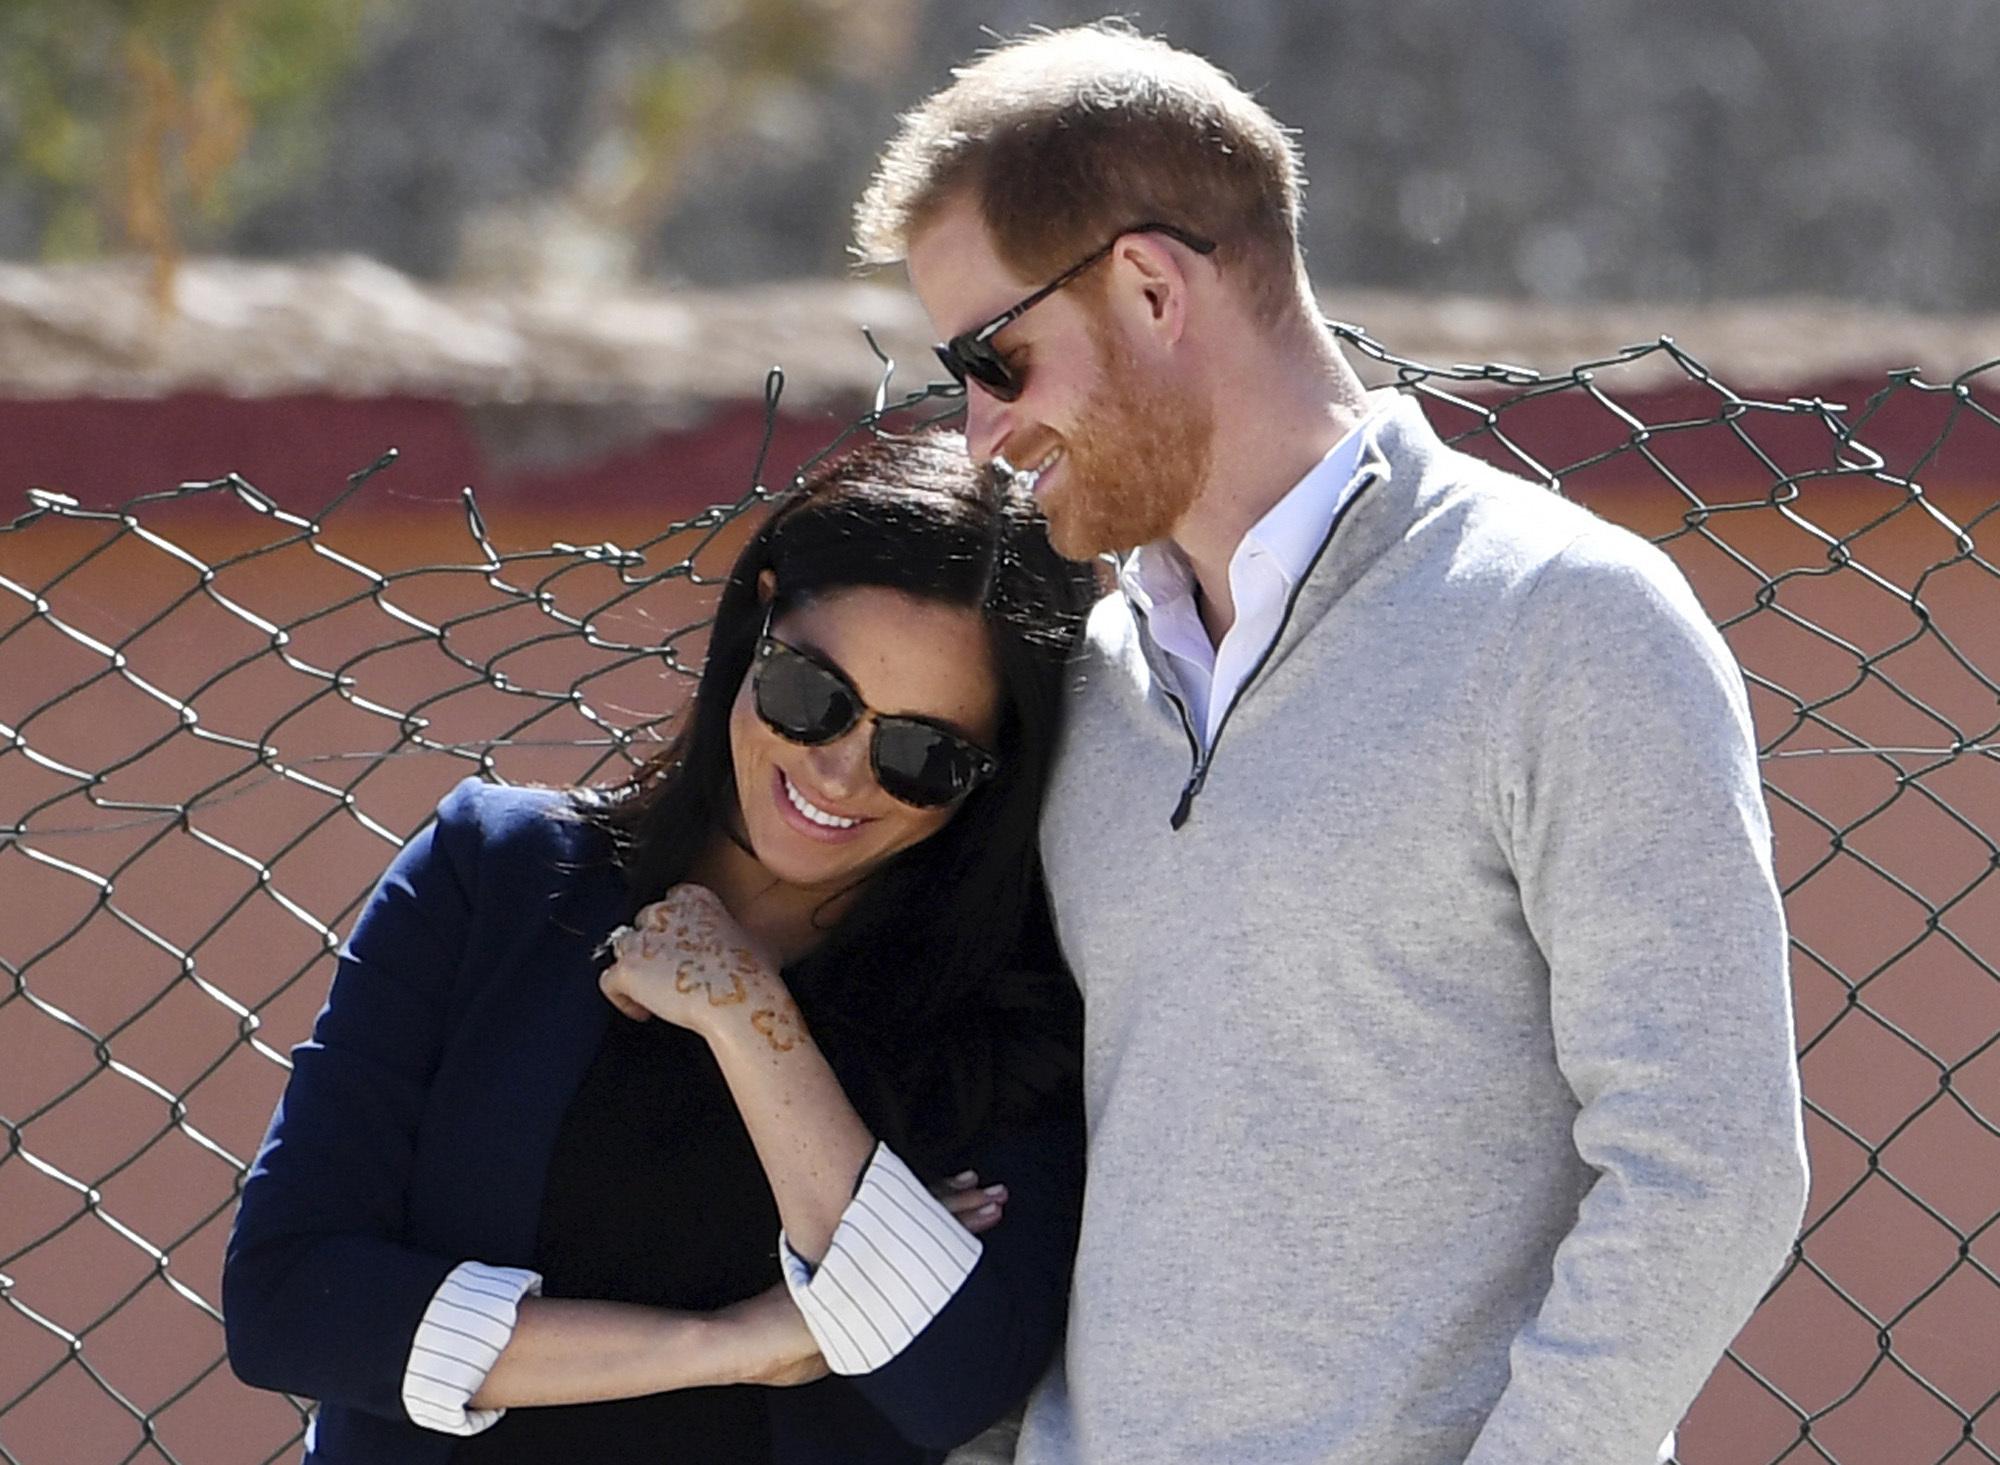 """""""Tener a un varón y ahora a una niña, qué mas puedo pedir. Ahora, tenemos nuestra familia, nos tenemos a nosotros cuatro y nuestros dos perros"""", expresó Harry tras revelar a Oprah el sexo de la bebé que esperan para este verano. (AP)"""